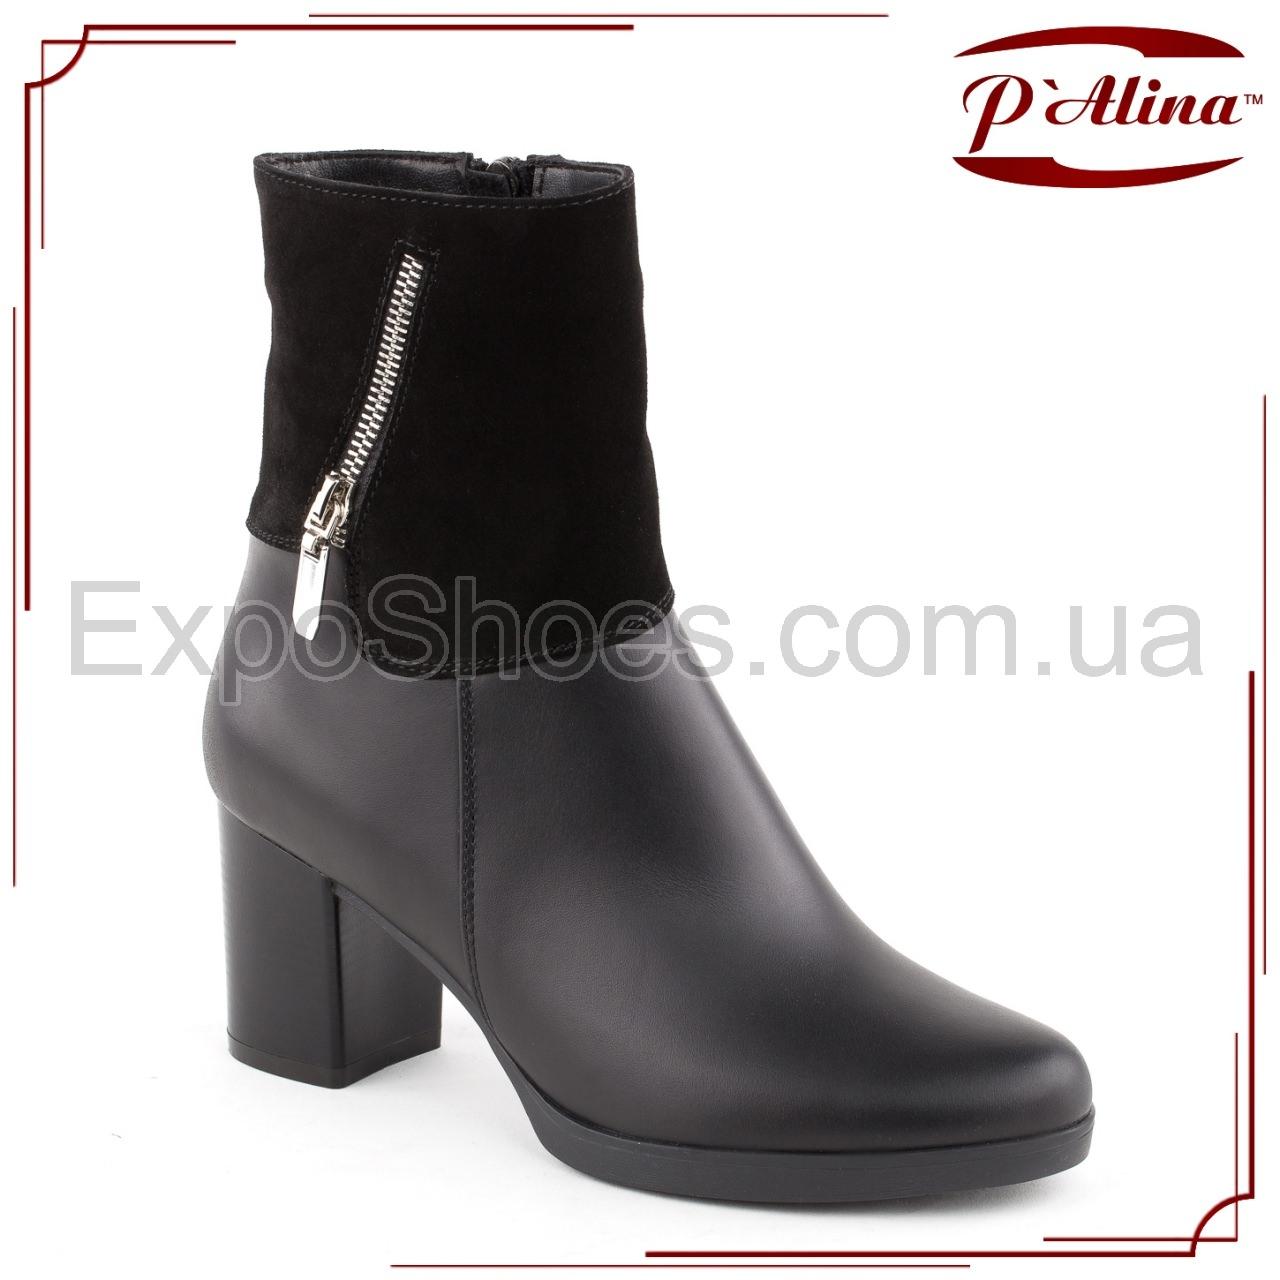 Женская обувь Palina